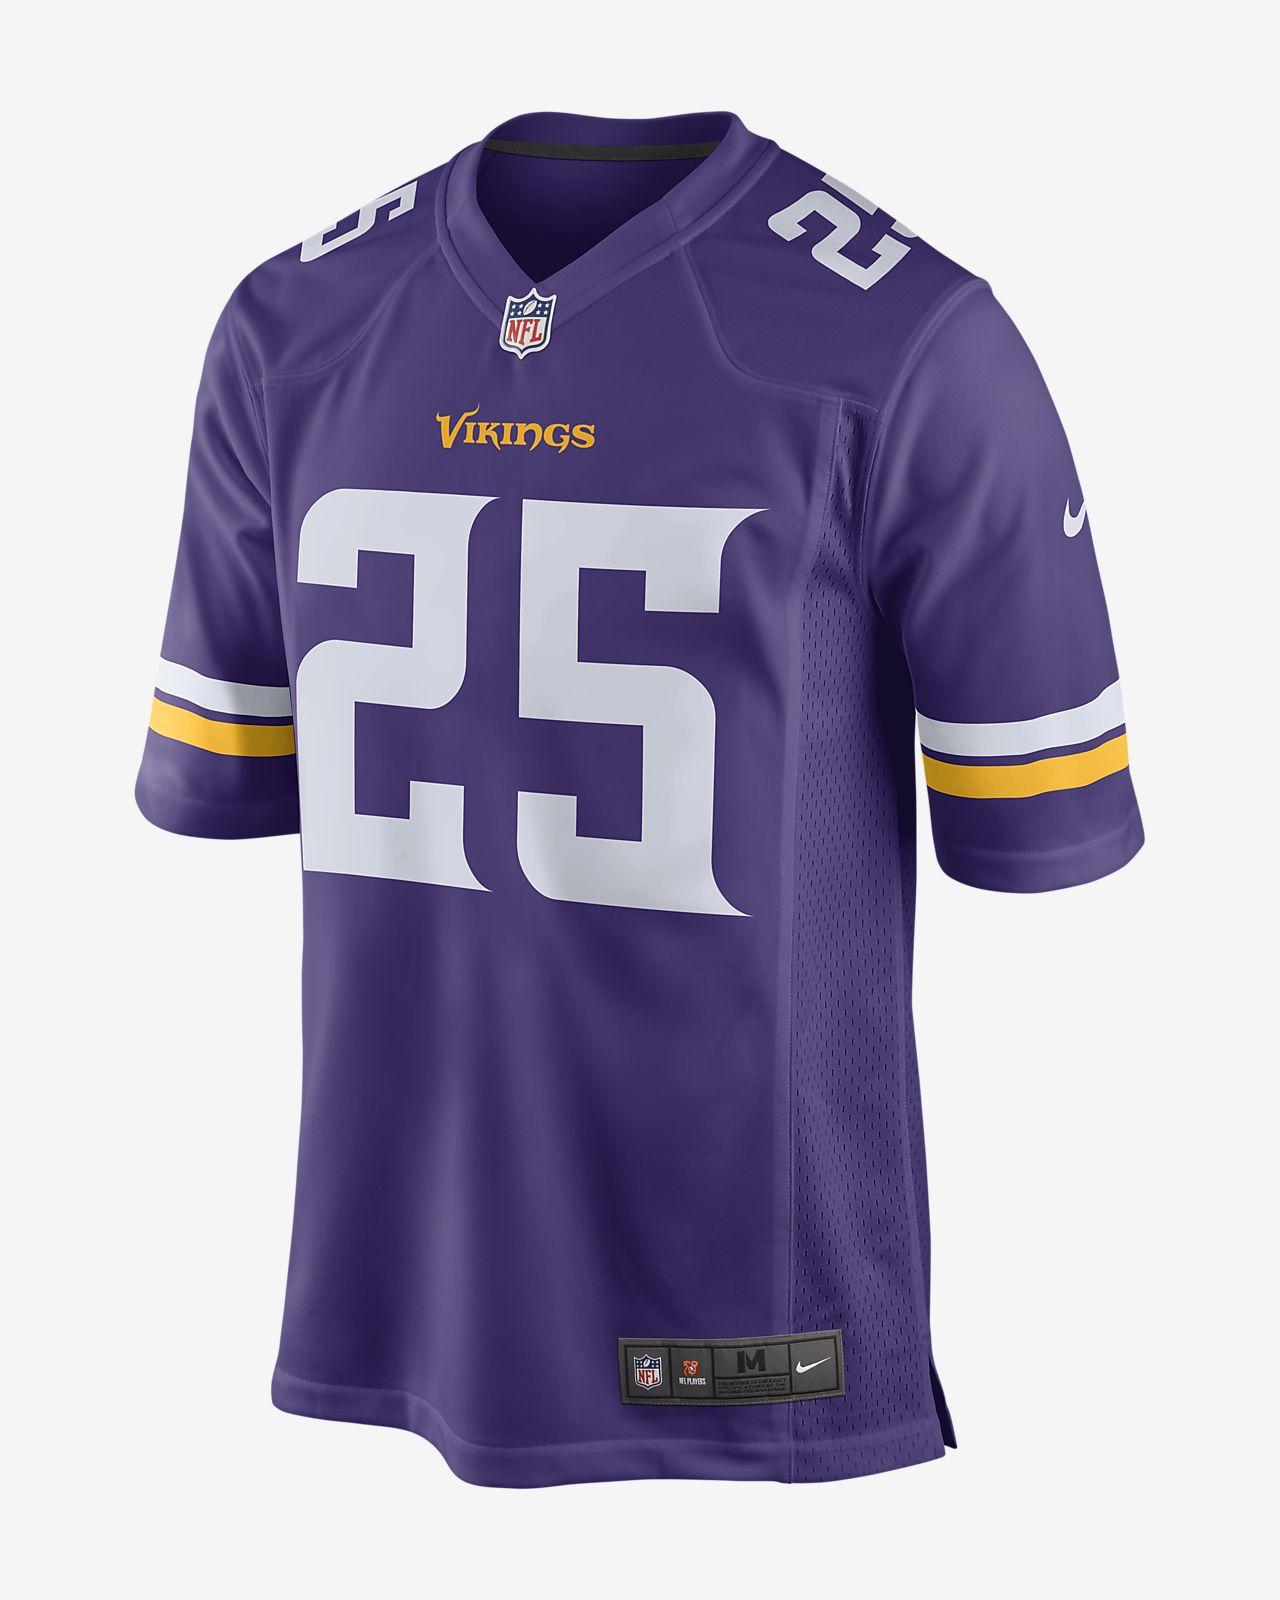 Мужское джерси для американского футбола для игры на своем поле NFL Minnesota Vikings (Latavius Murray)